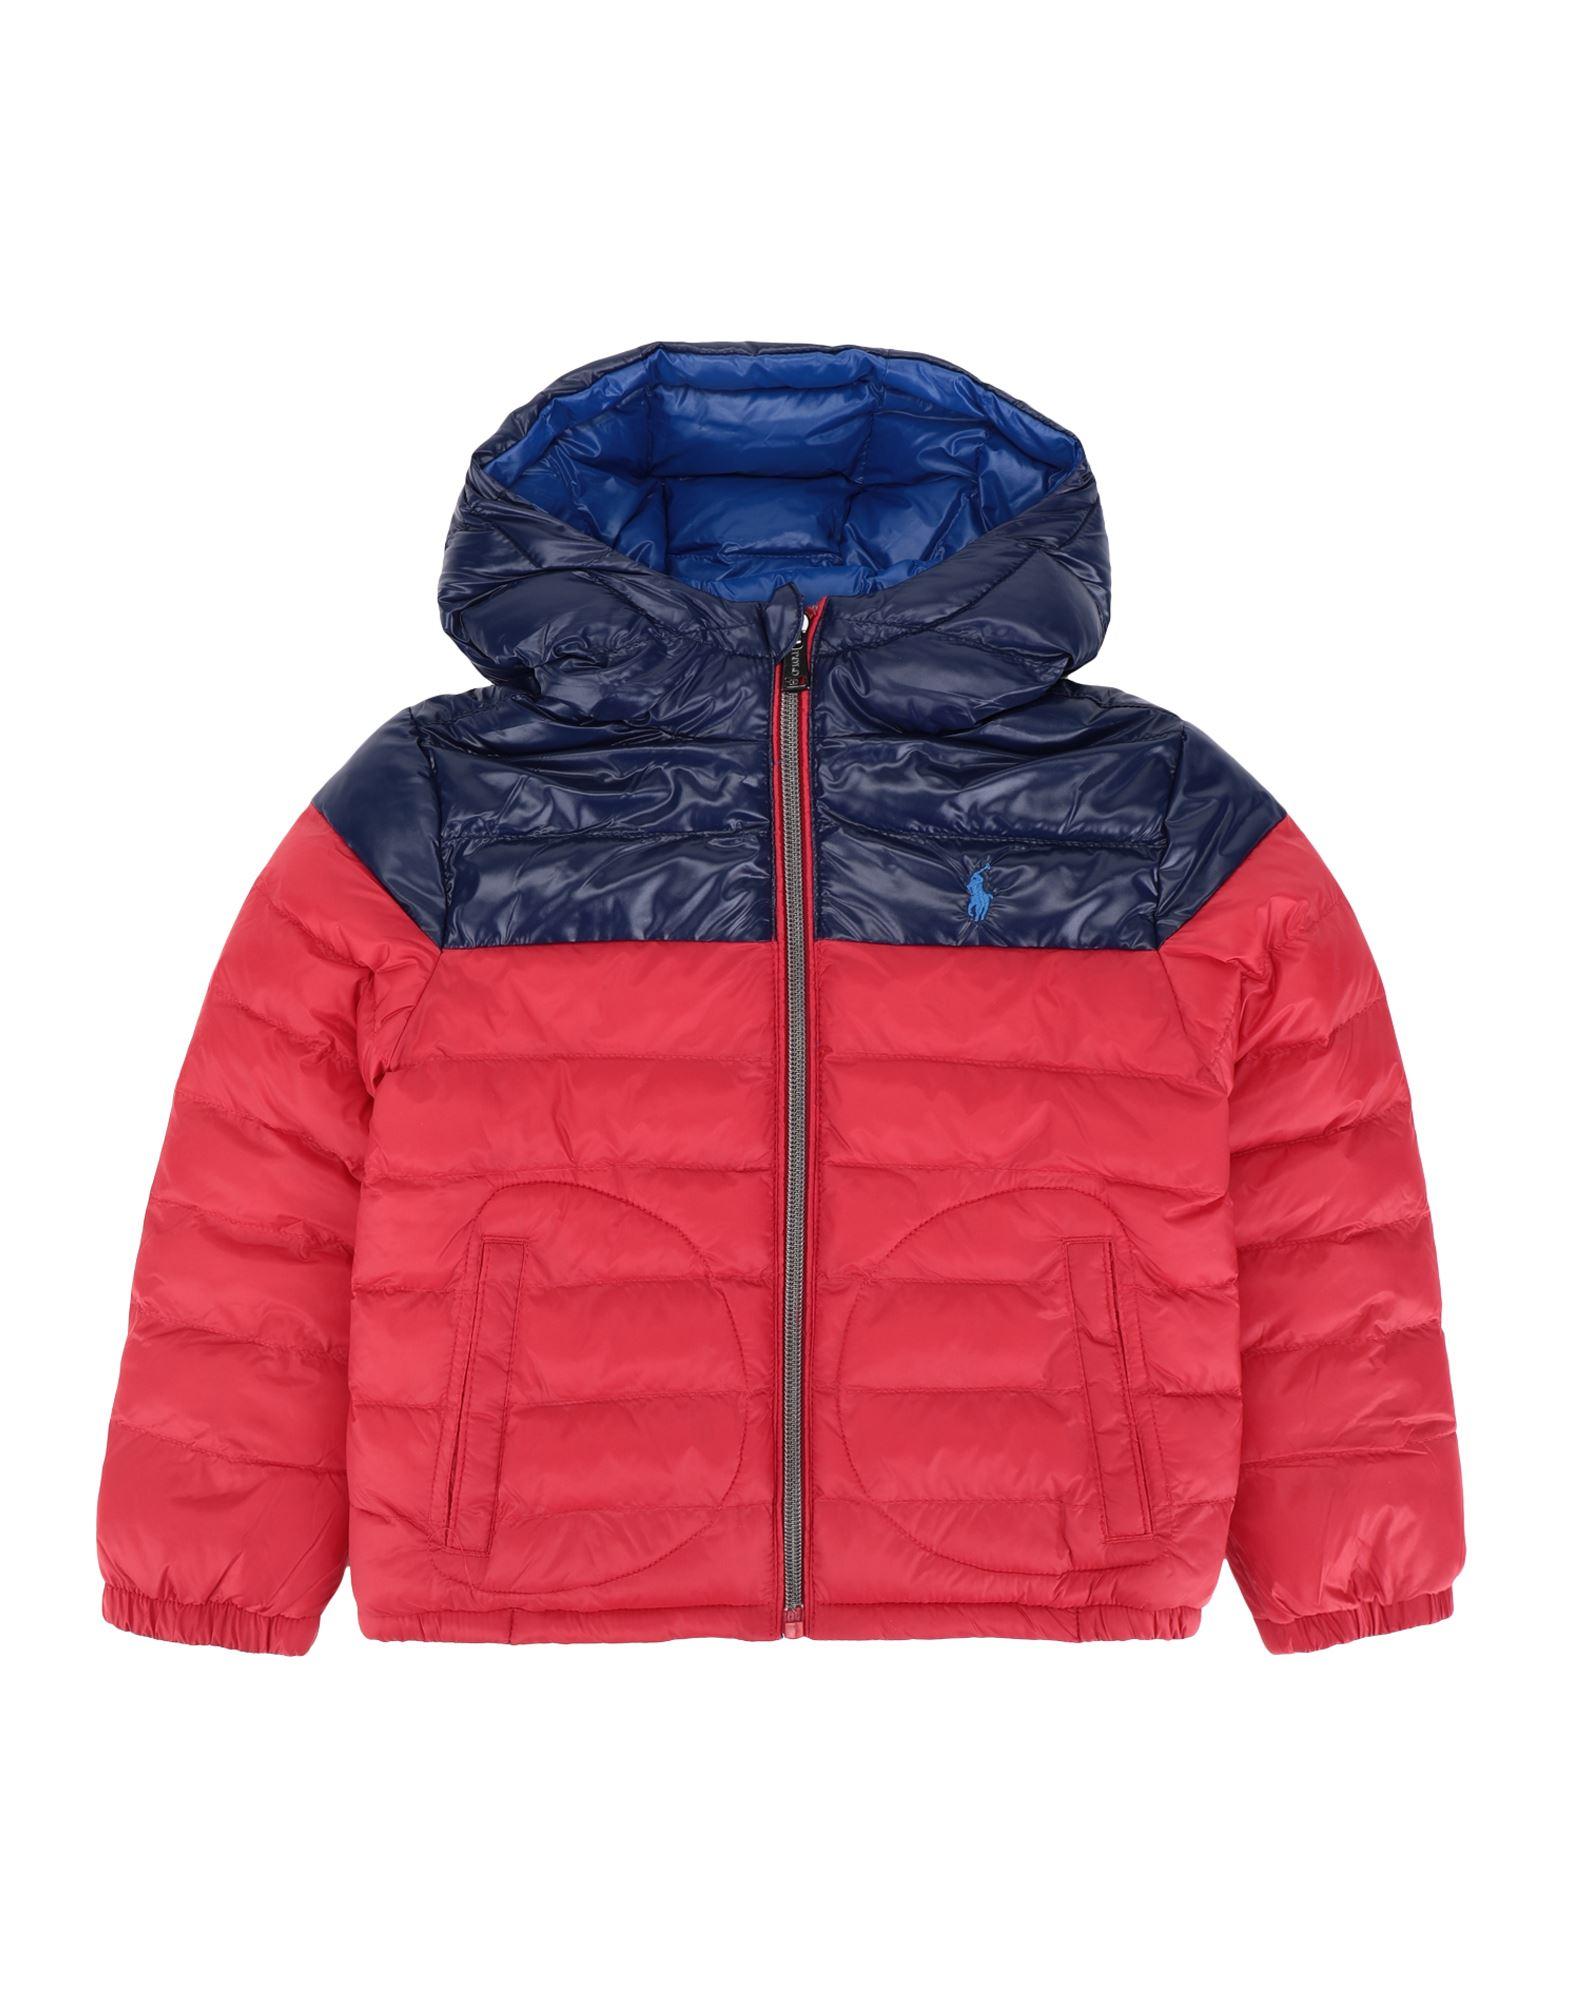 《セール開催中》RALPH LAUREN ボーイズ 3-8 歳 合成繊維中綿アウター レッド 5 リサイクル ナイロン 100% Reversible Water-Resistant Jacket